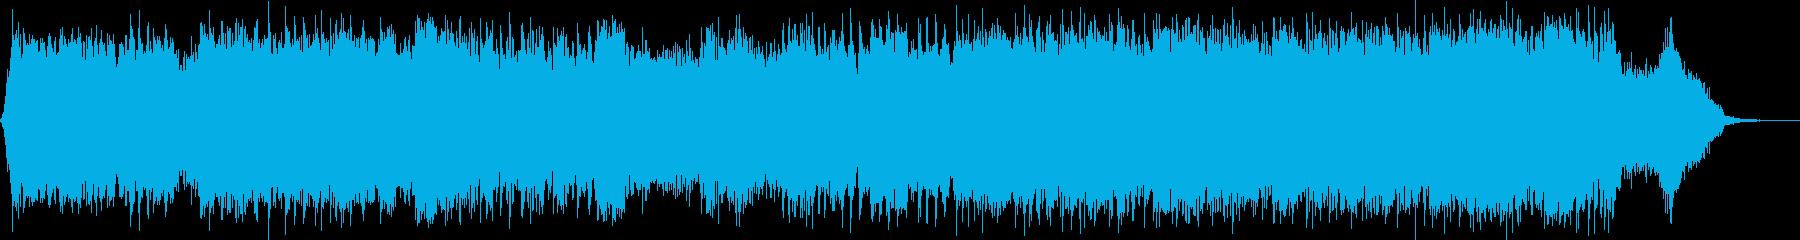 ダークファンタジーオーケストラ戦闘曲59の再生済みの波形